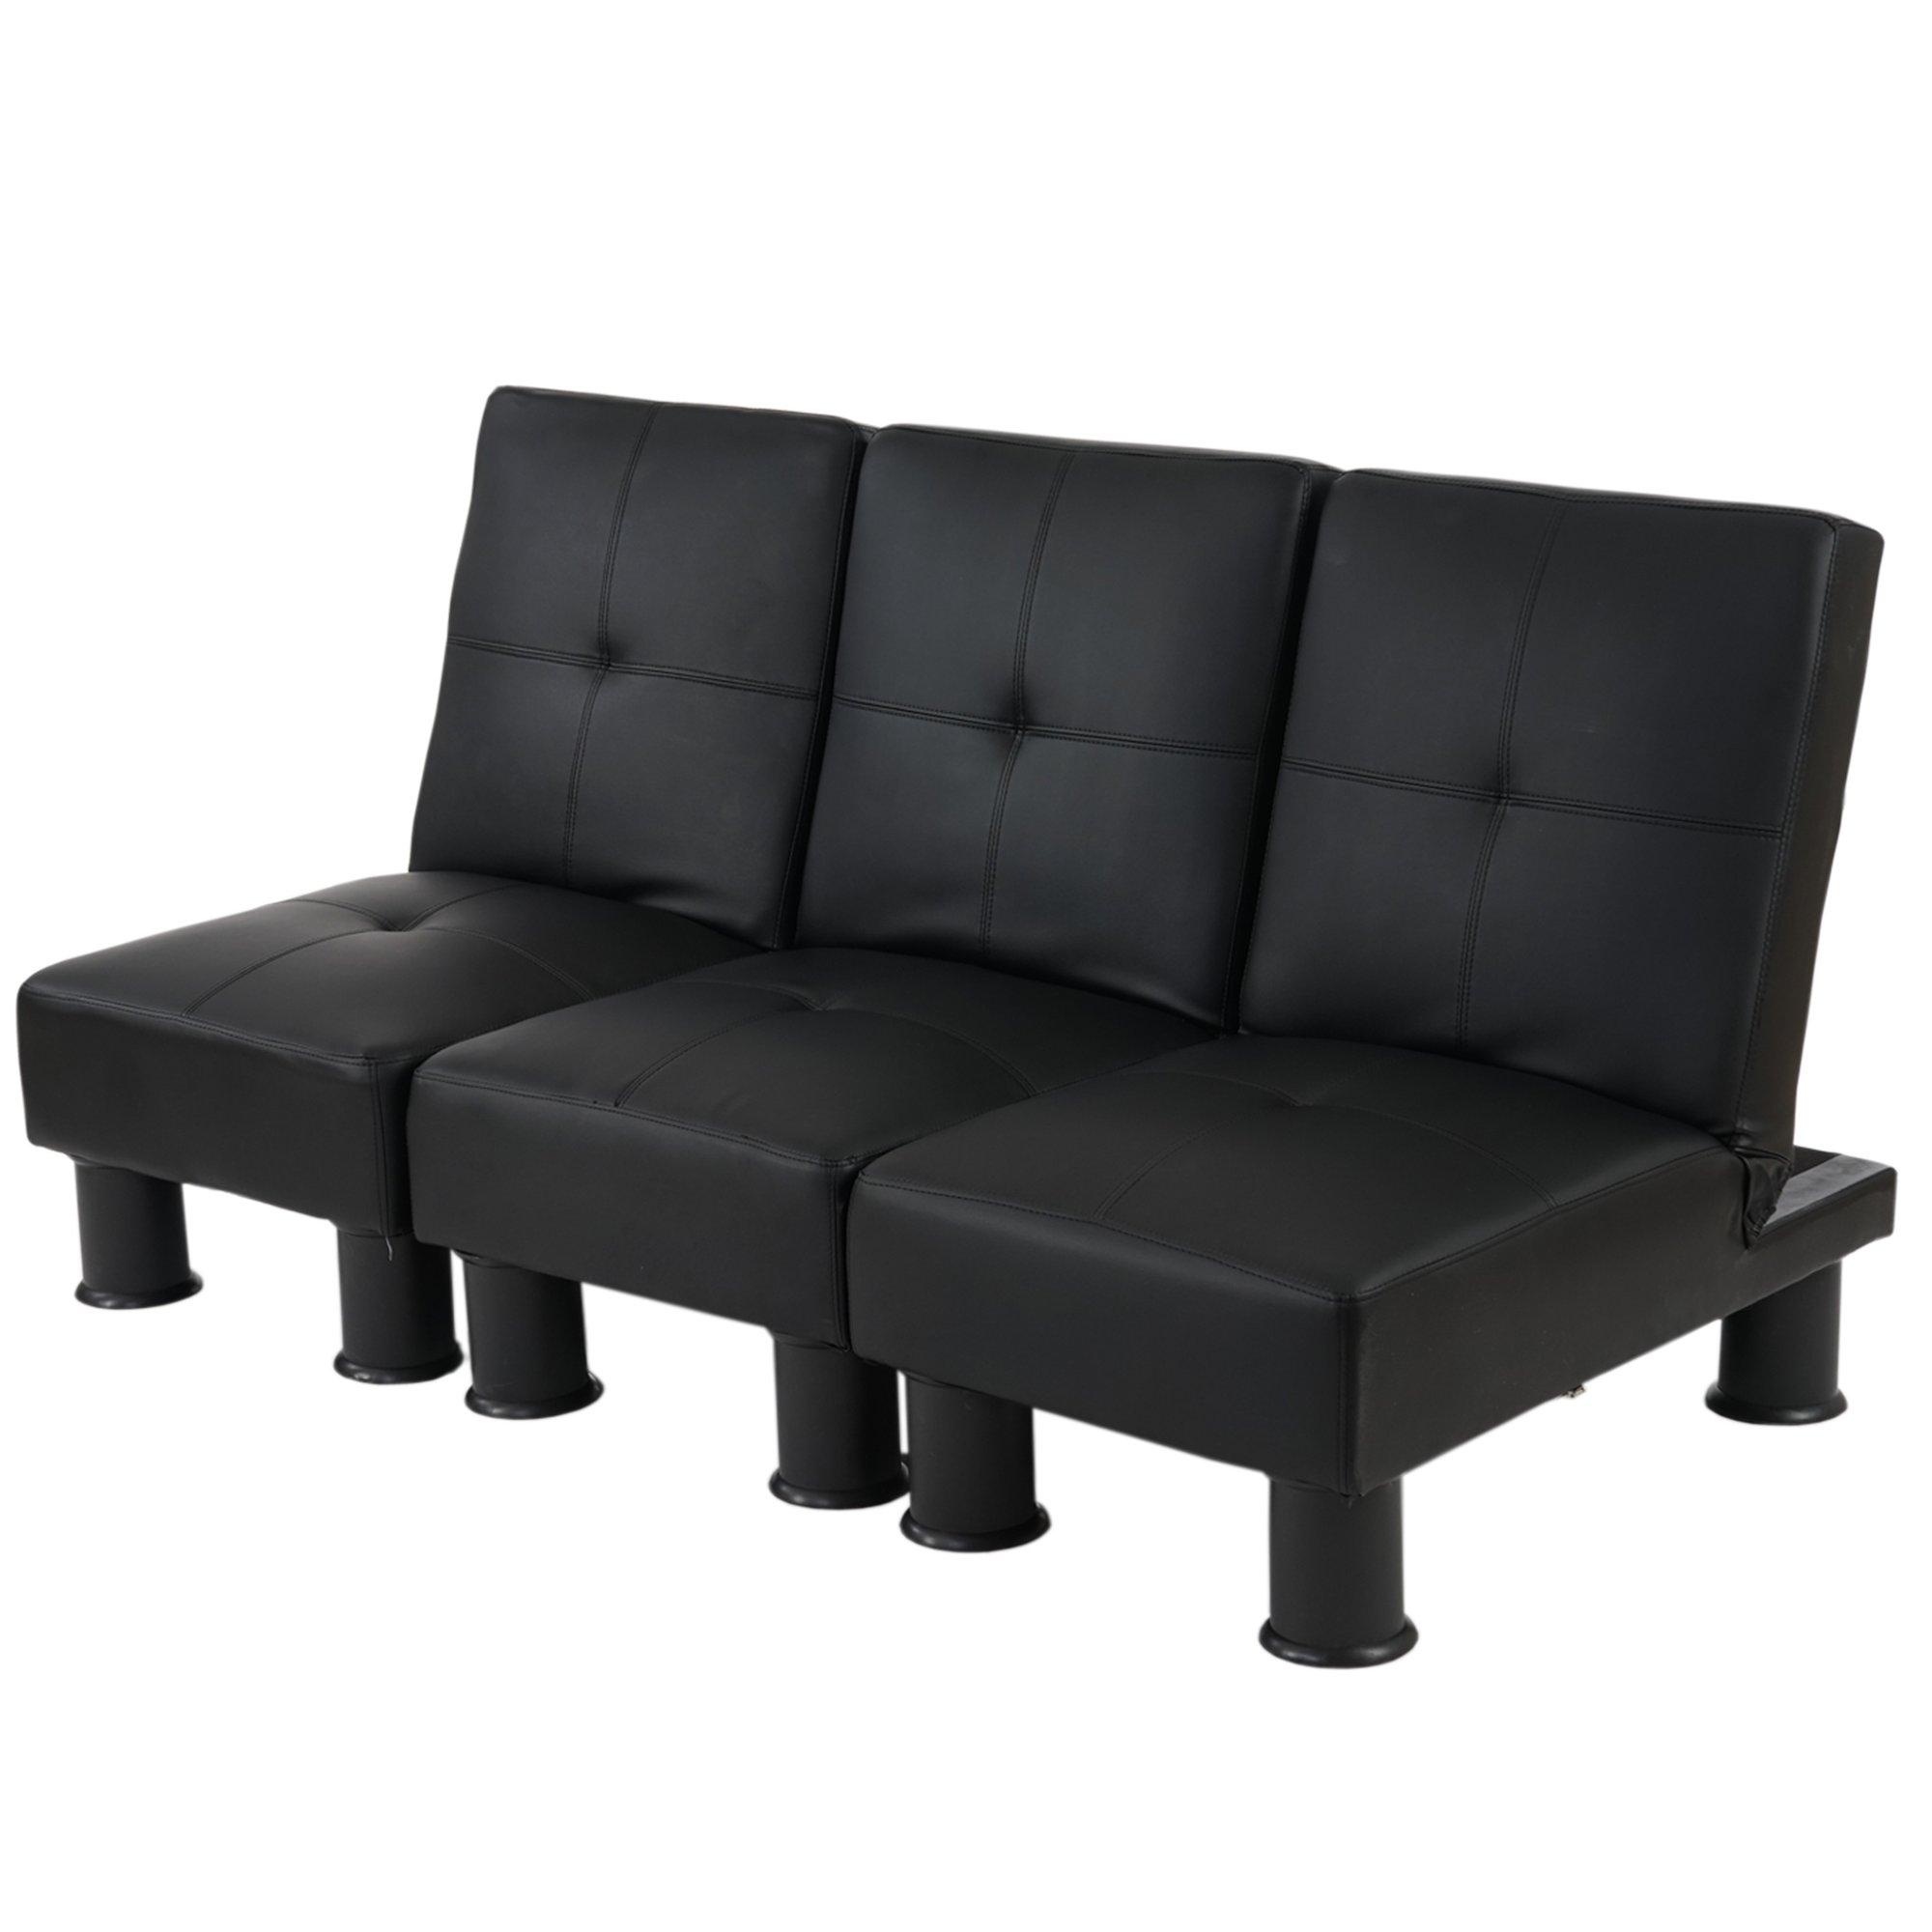 Lote 3 modulos sofa cama melbourne ii en piel color negro for Sofas modulares piel